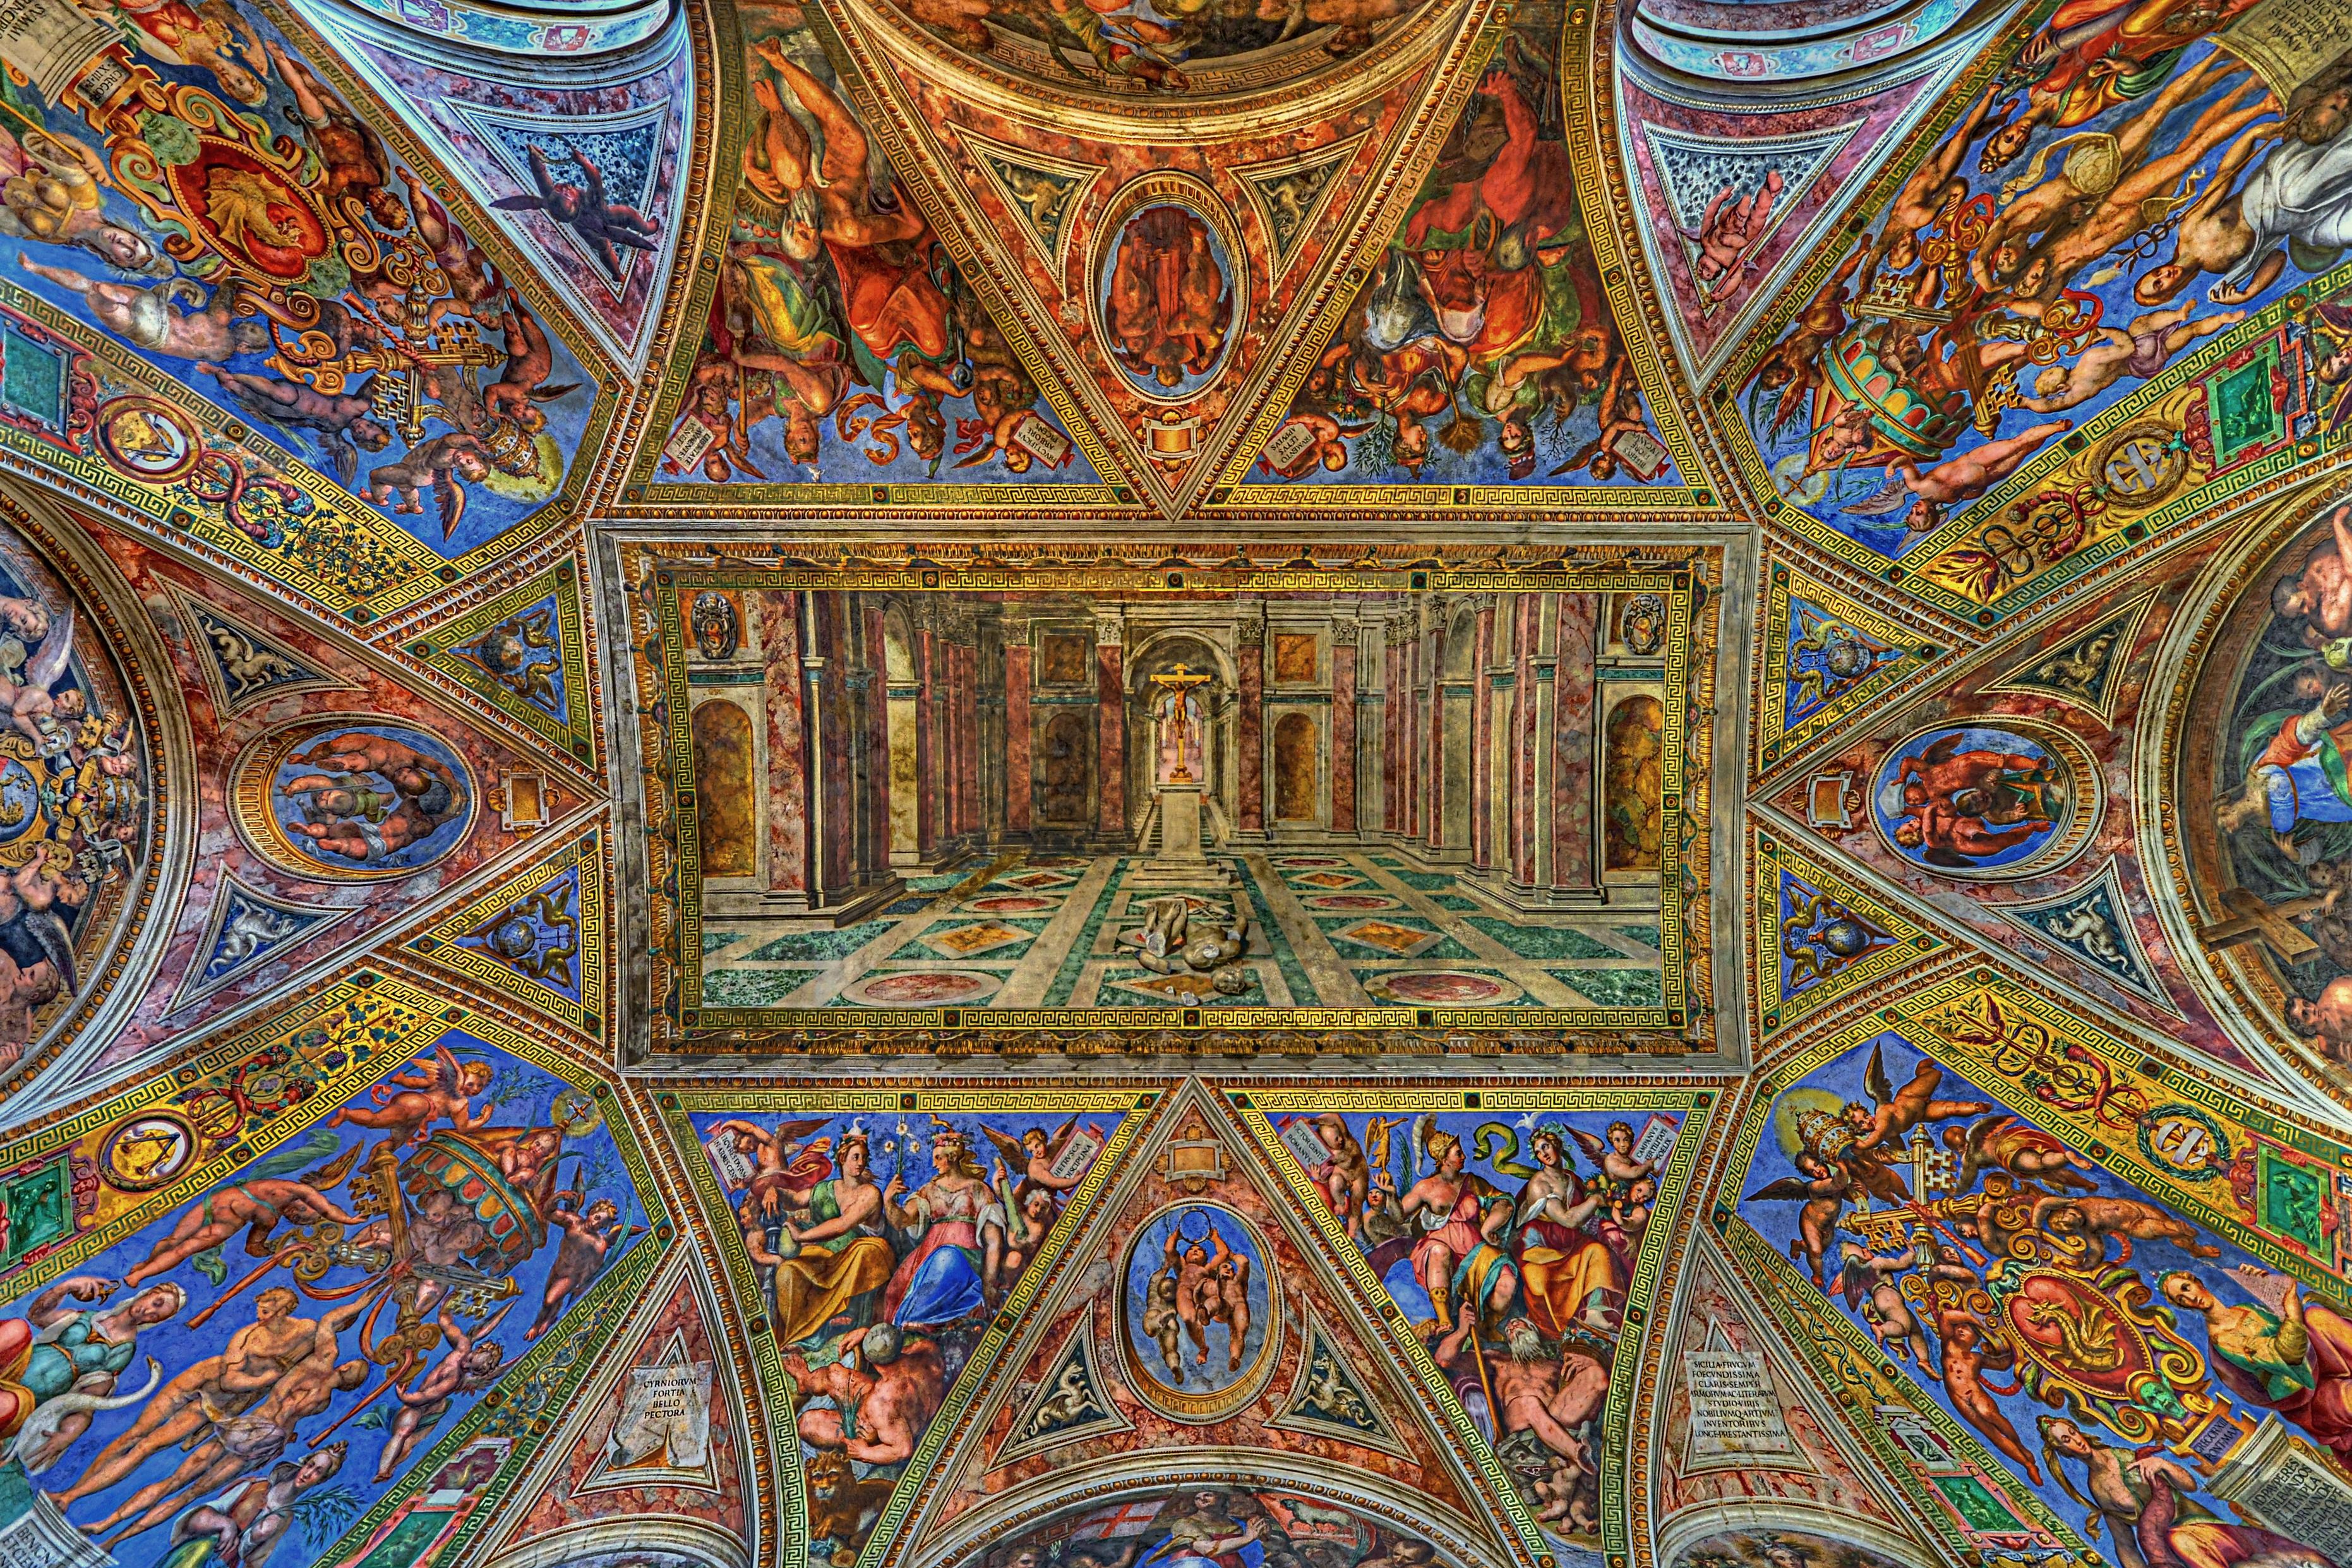 Vatican Kerstenbeck Photographic Art